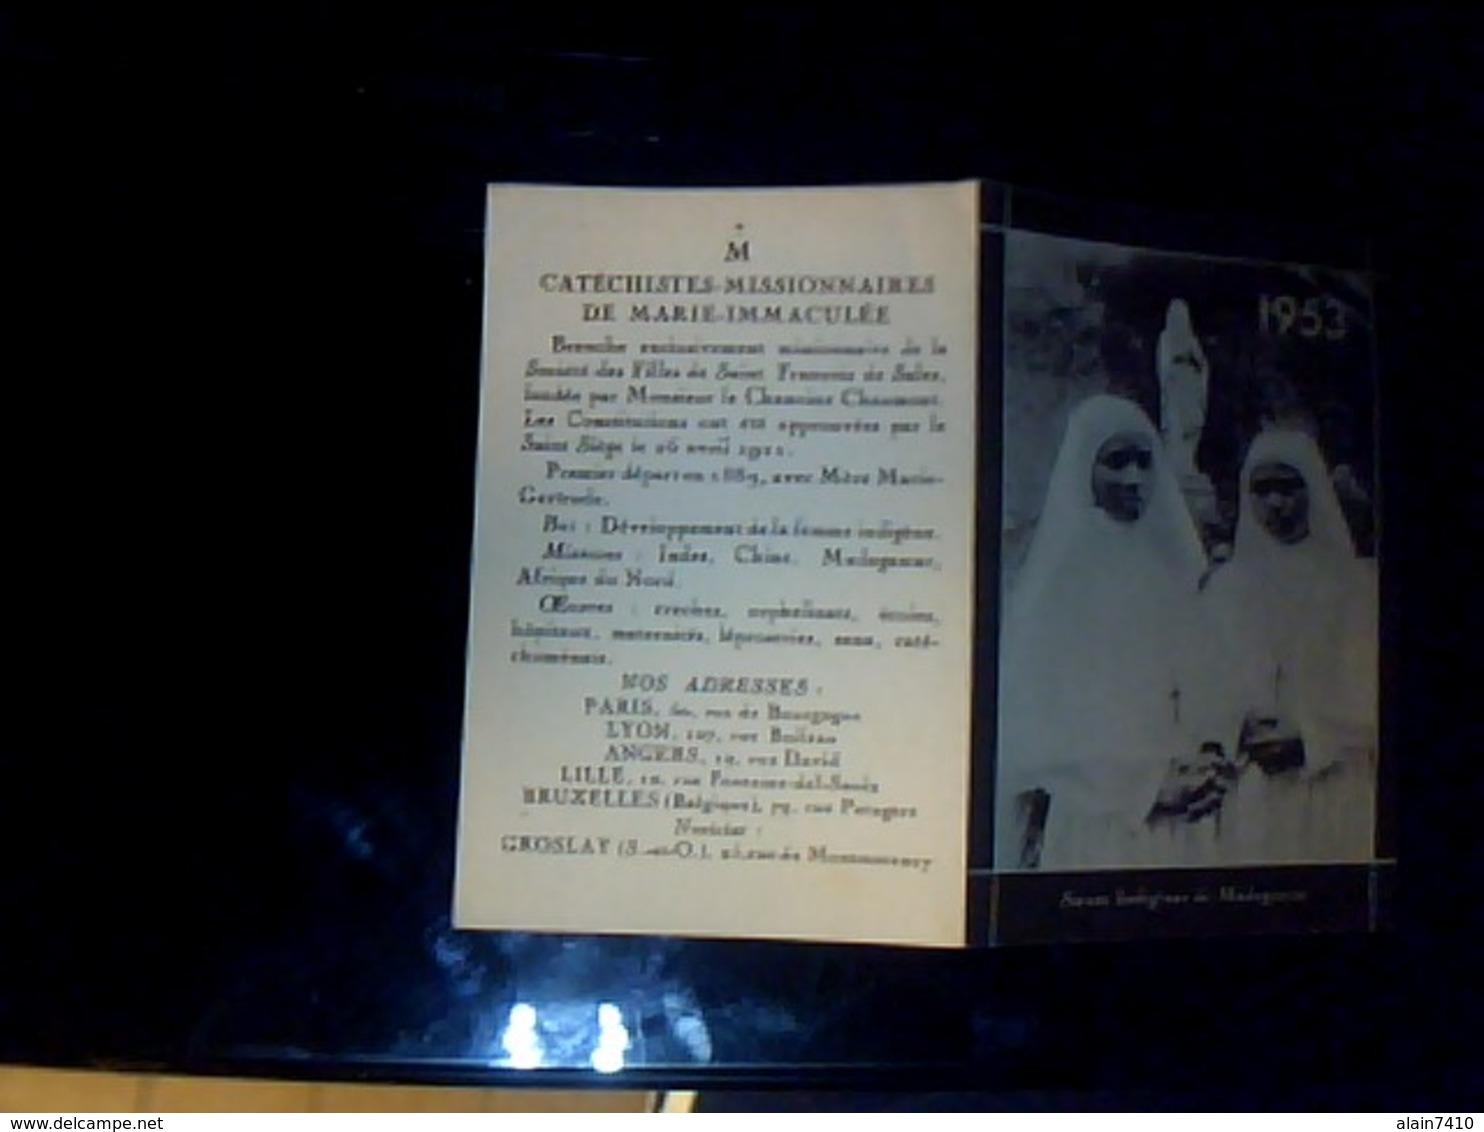 Calendrier Petit Format Catéchiste Missionnaires De Marie Immaculée Annee 1953 - Calendriers